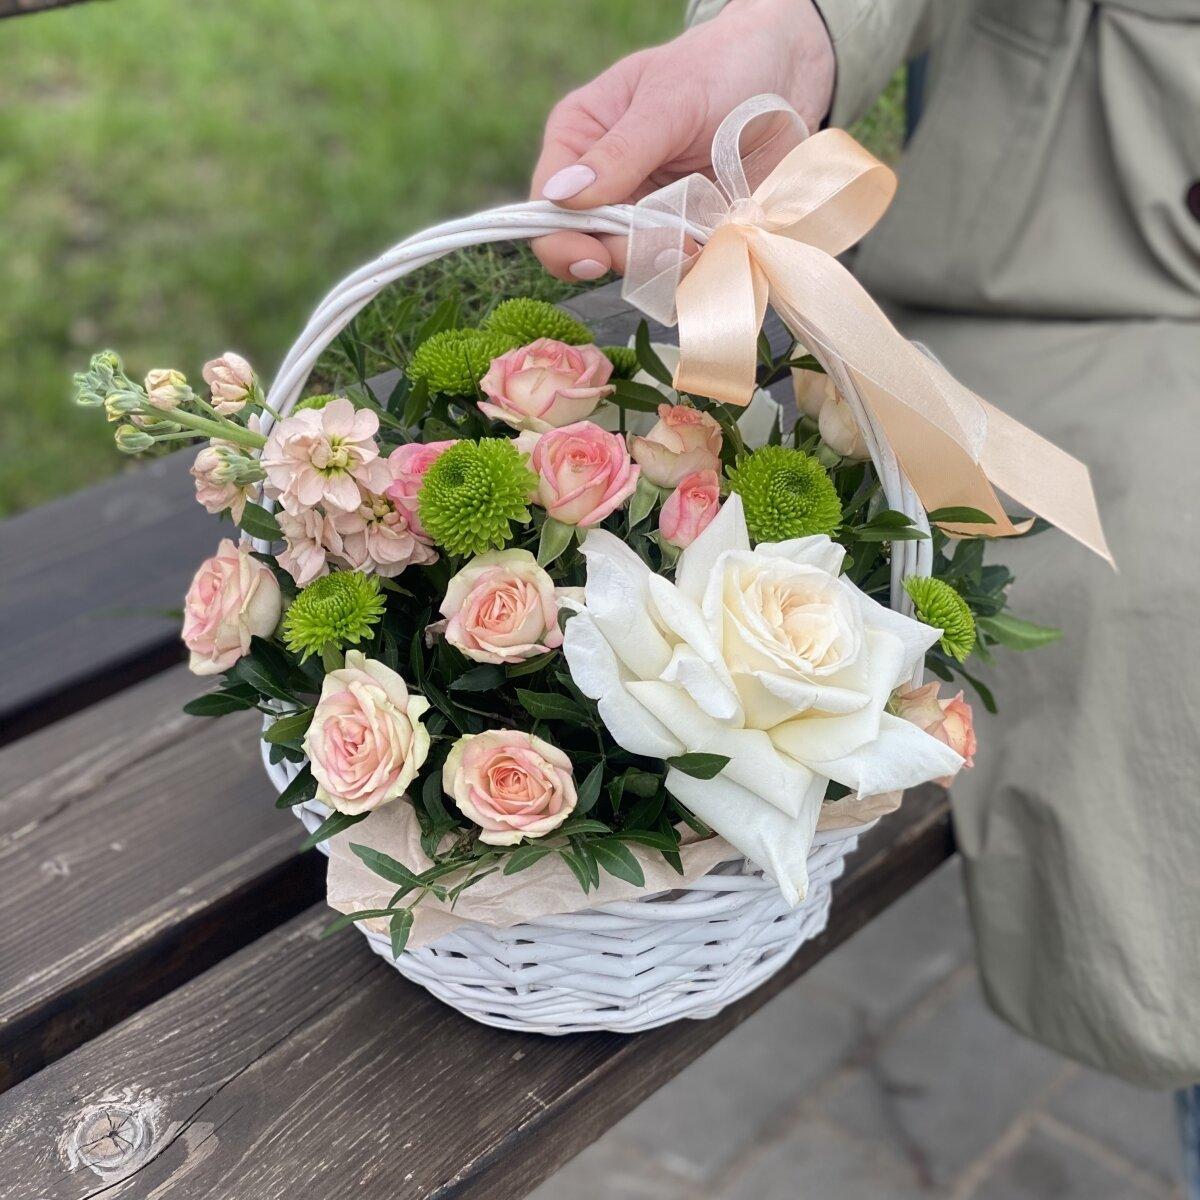 Корзиночка Лесная сказка из кустовых и одноголовых роз, маттиолы и филин грина